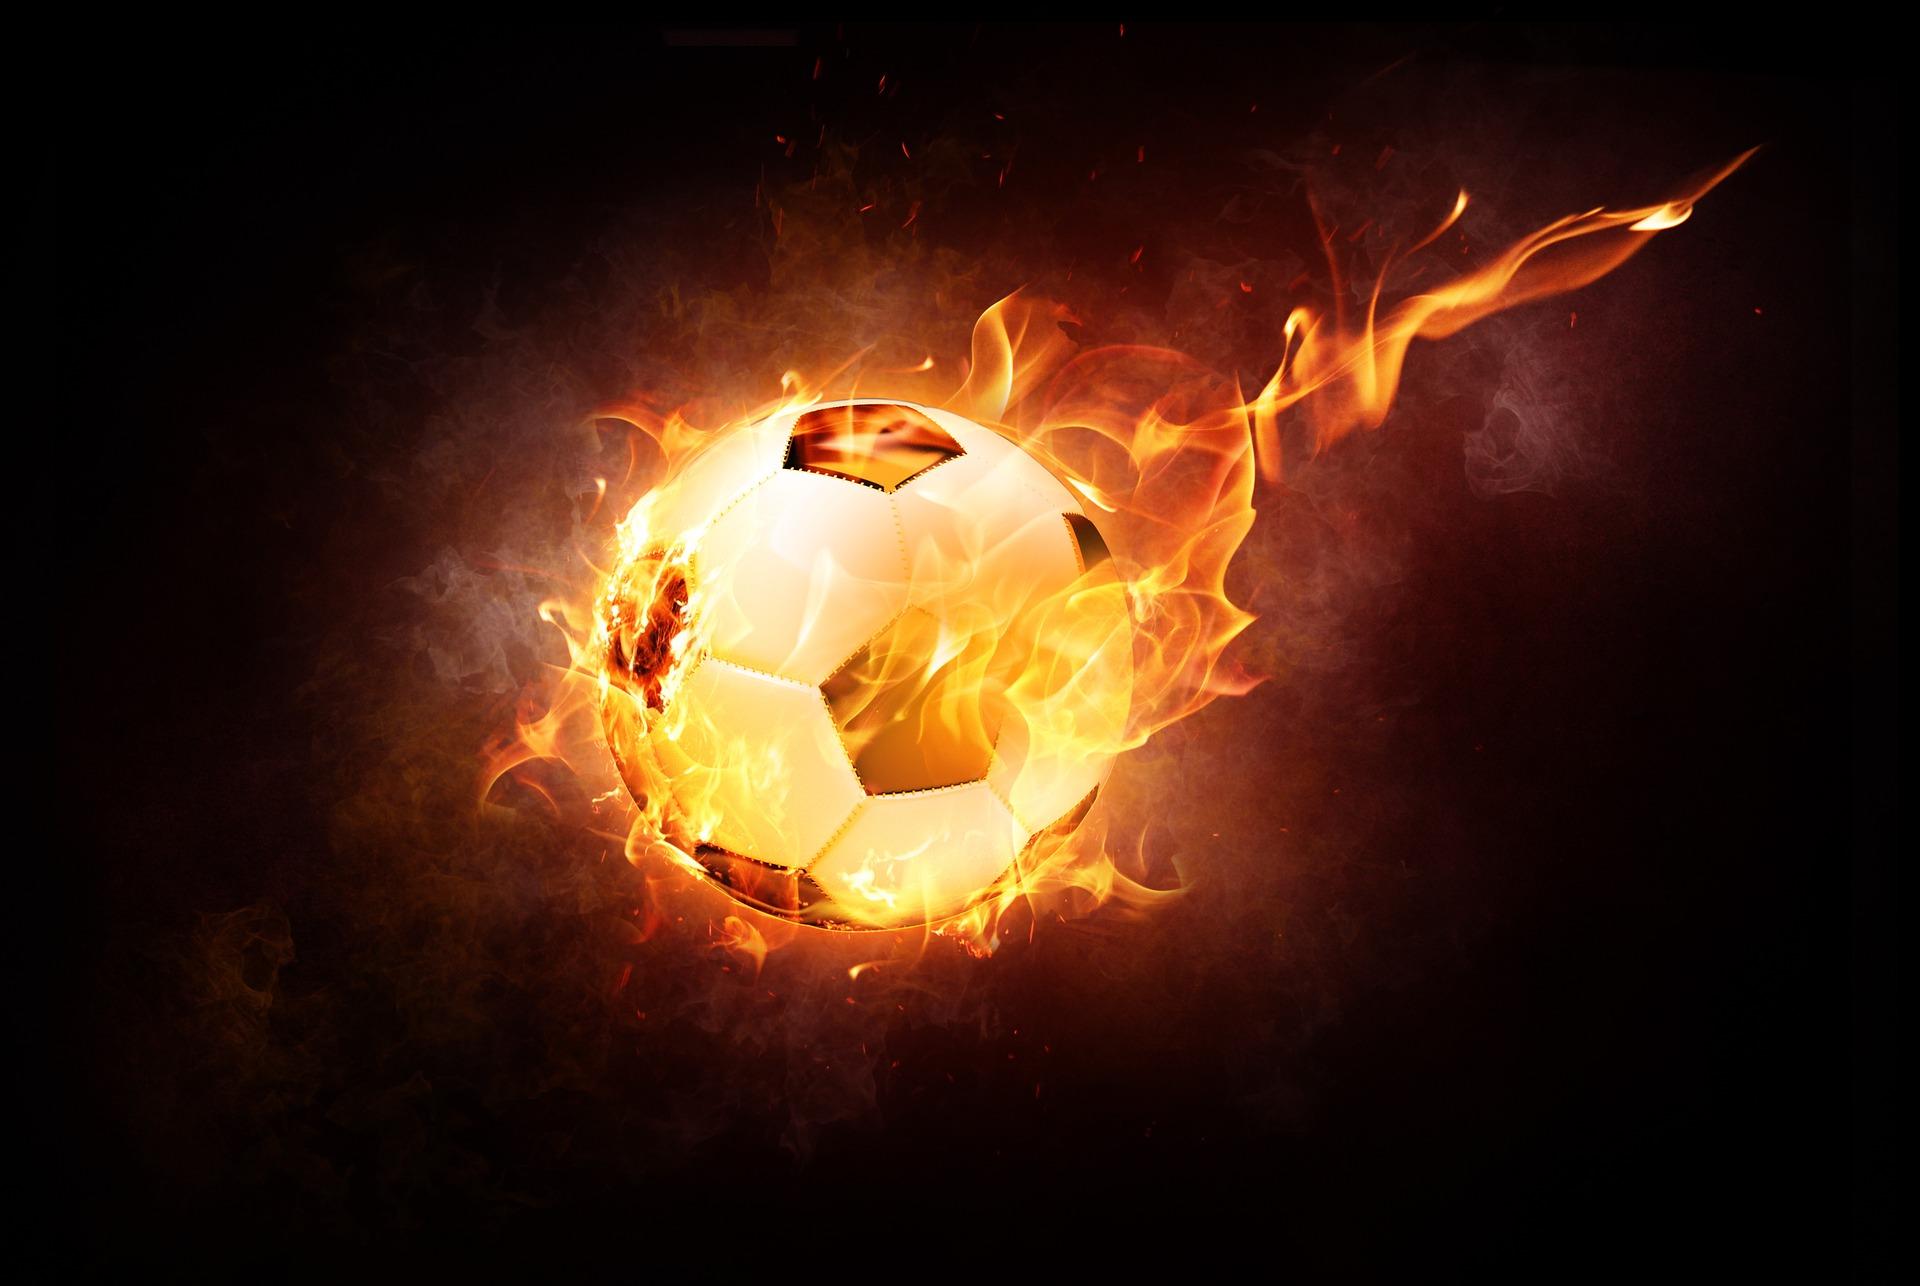 Futebol, balão, fogo, Tirão, flama - Papéis de parede HD - Professor-falken.com